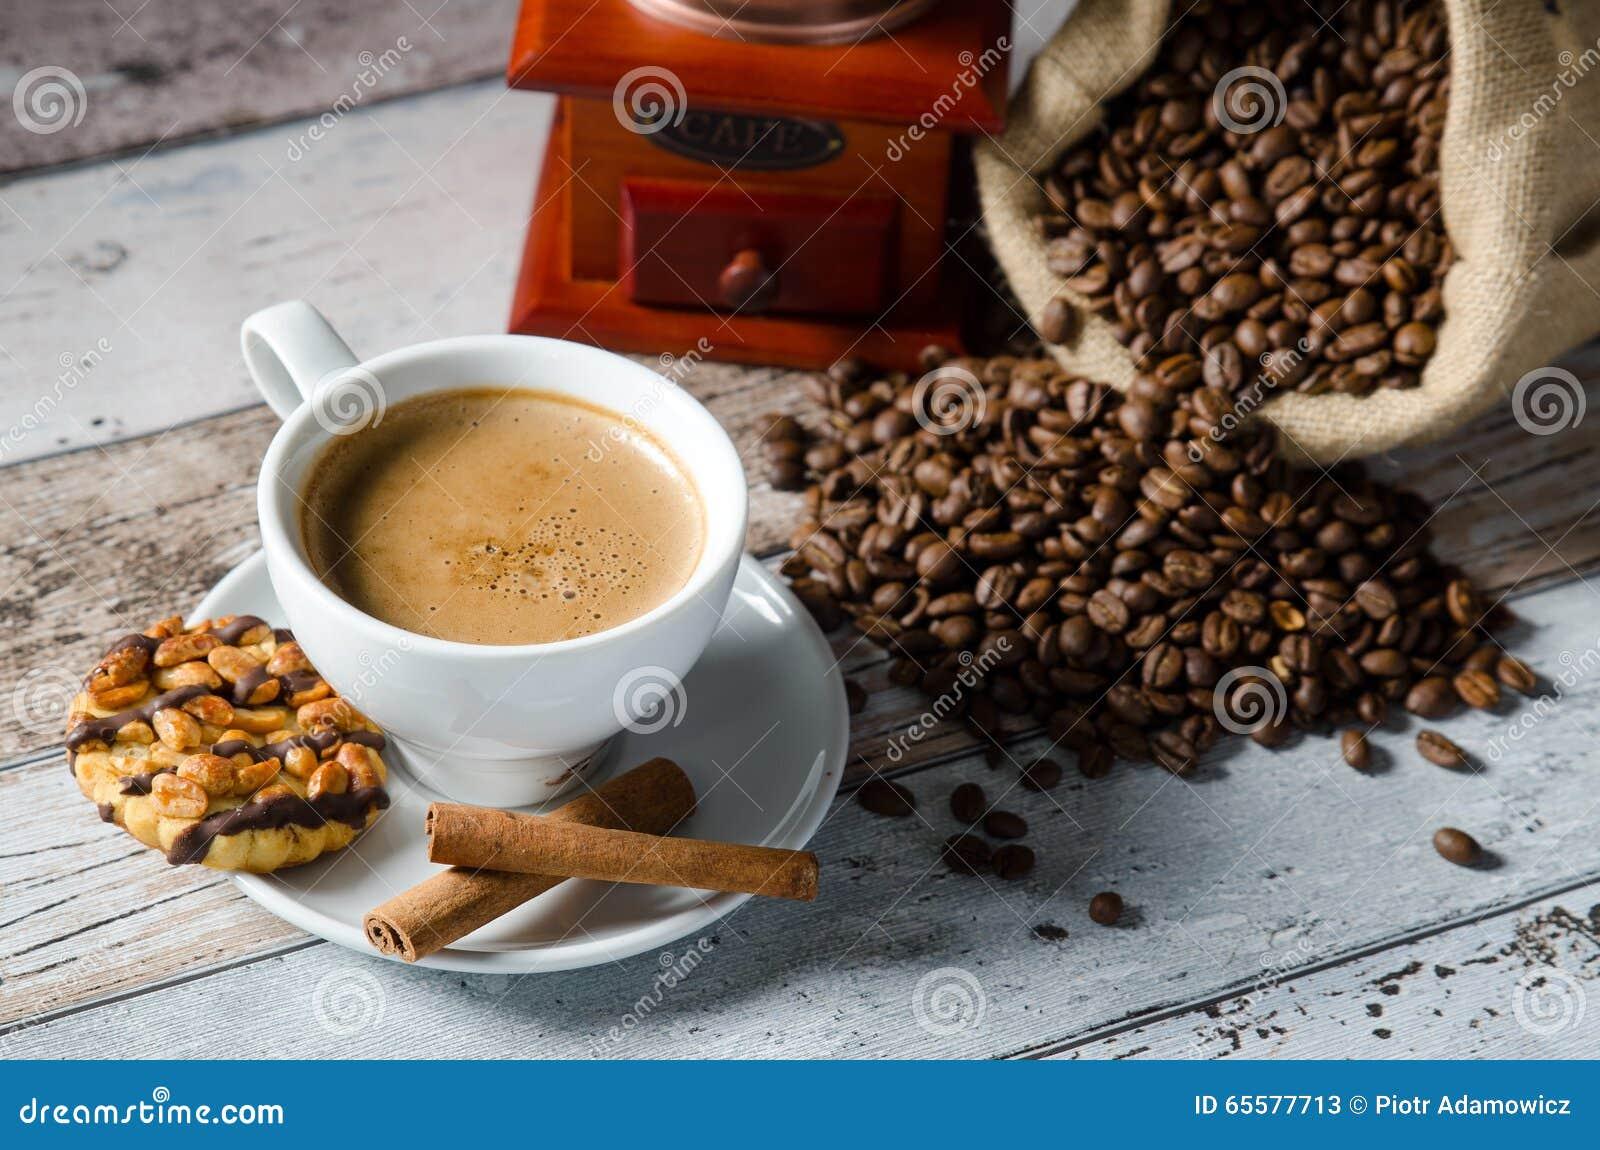 Café, feijões roasted, moedor do moinho e alguns doces